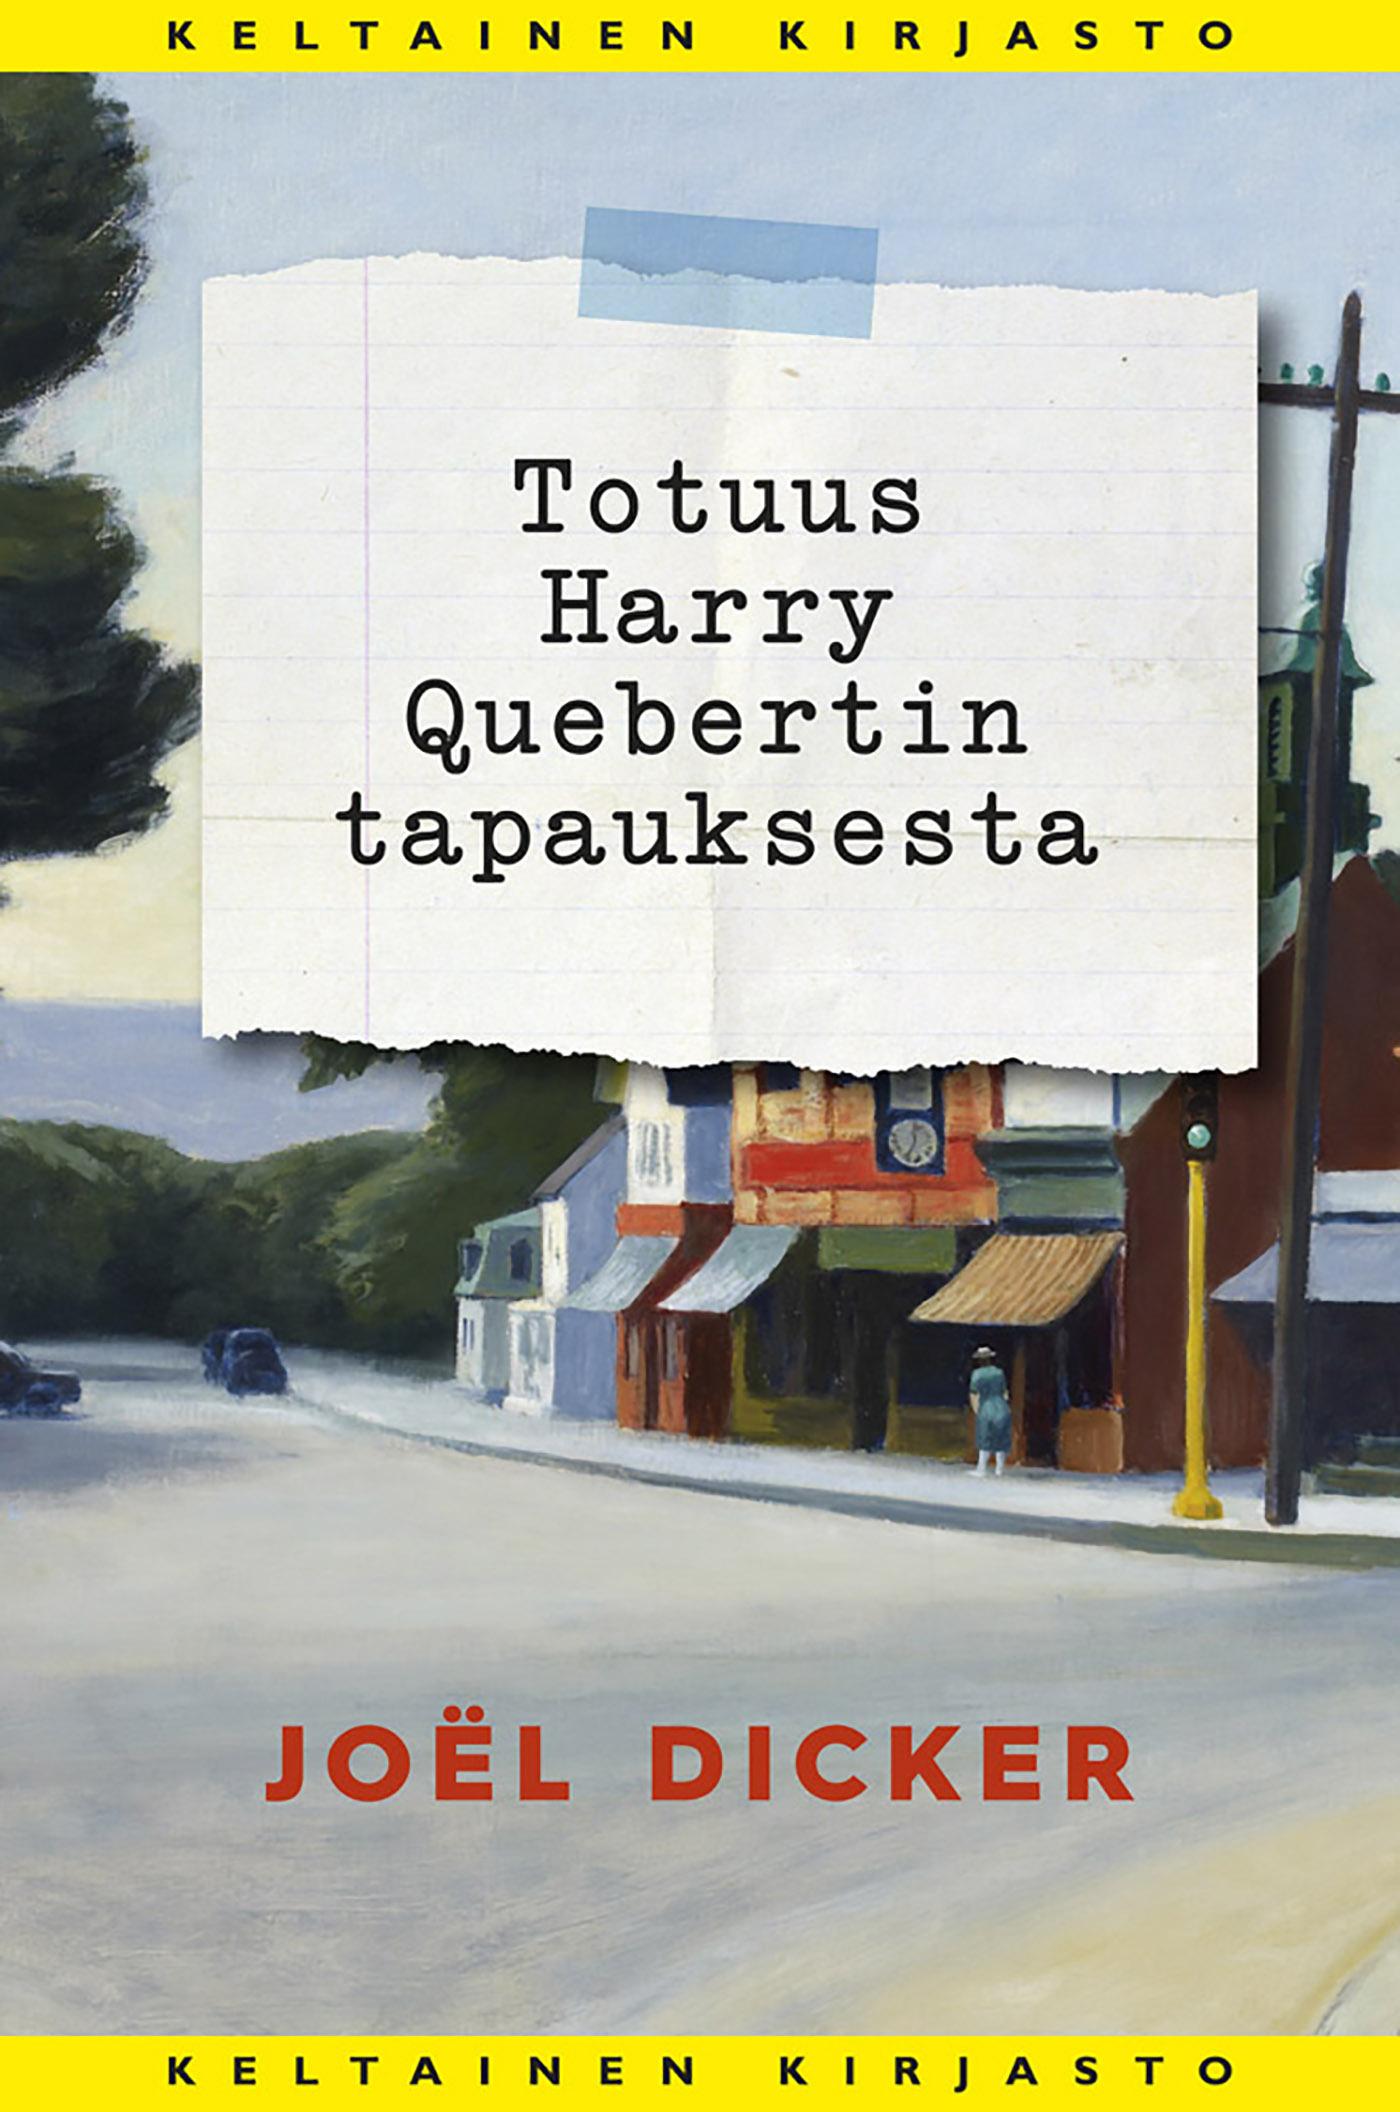 Dicker, Joël - Totuus Harry Quebertin tapauksesta, e-kirja